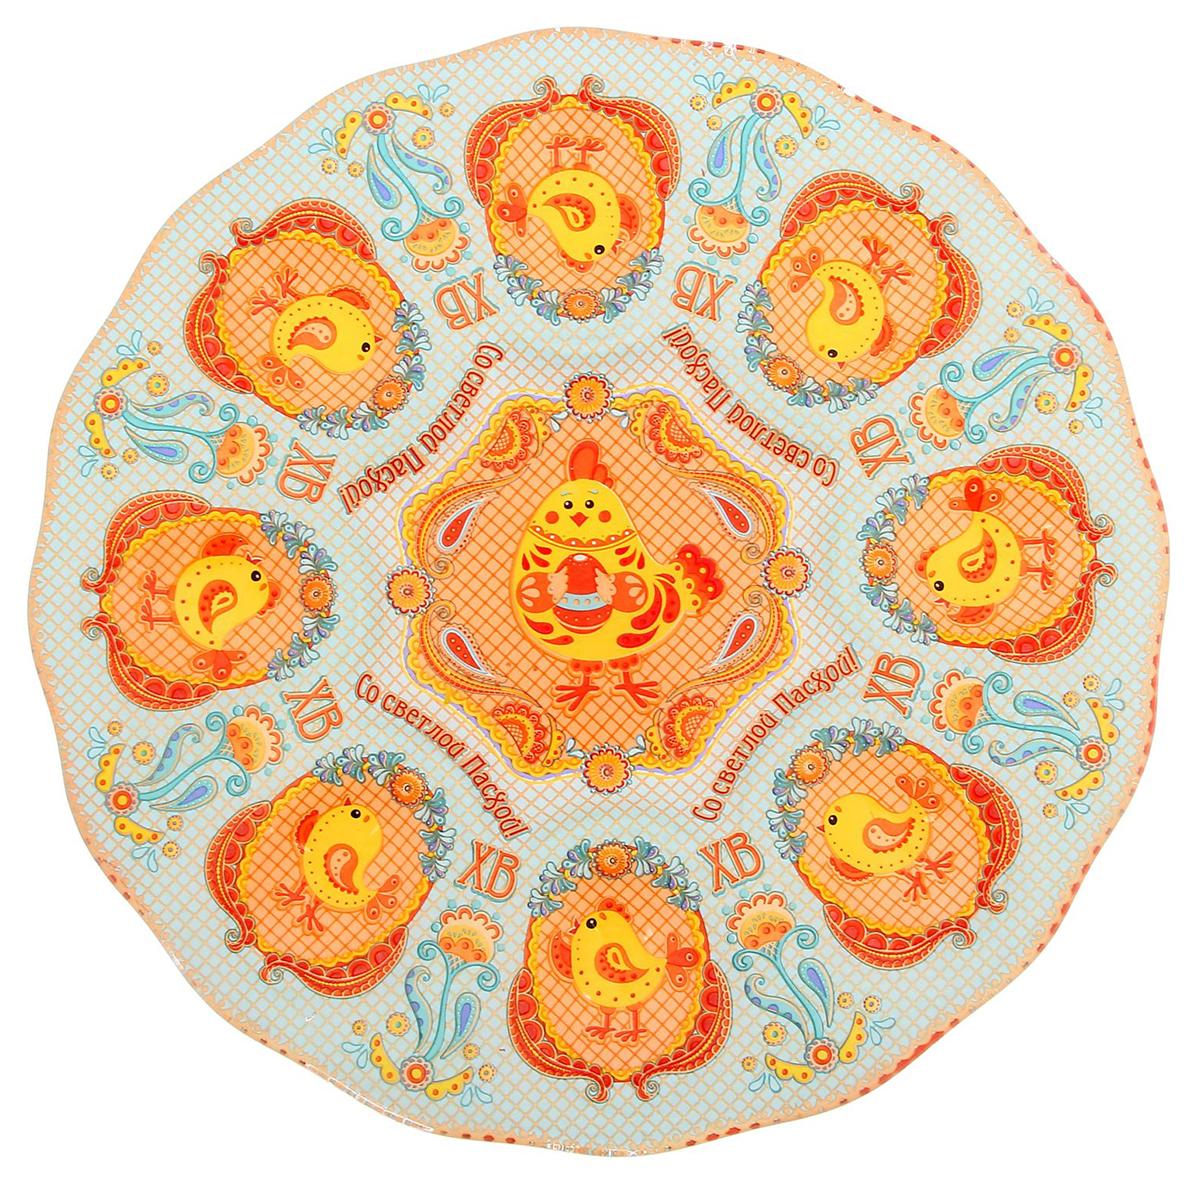 Желаем радости, добра и света вам и вашим близким! Пасхальная подставка под 8 яиц и кулич изготовлена из пластика и имеет полноцветное яркое изображение. Аксессуар станет достойным украшением праздничного стола, создаст радостное настроение и наполнит пространство дома благостной энергией на год вперёд. Изделие также будет хорошим подарком друзьям и коллегам.